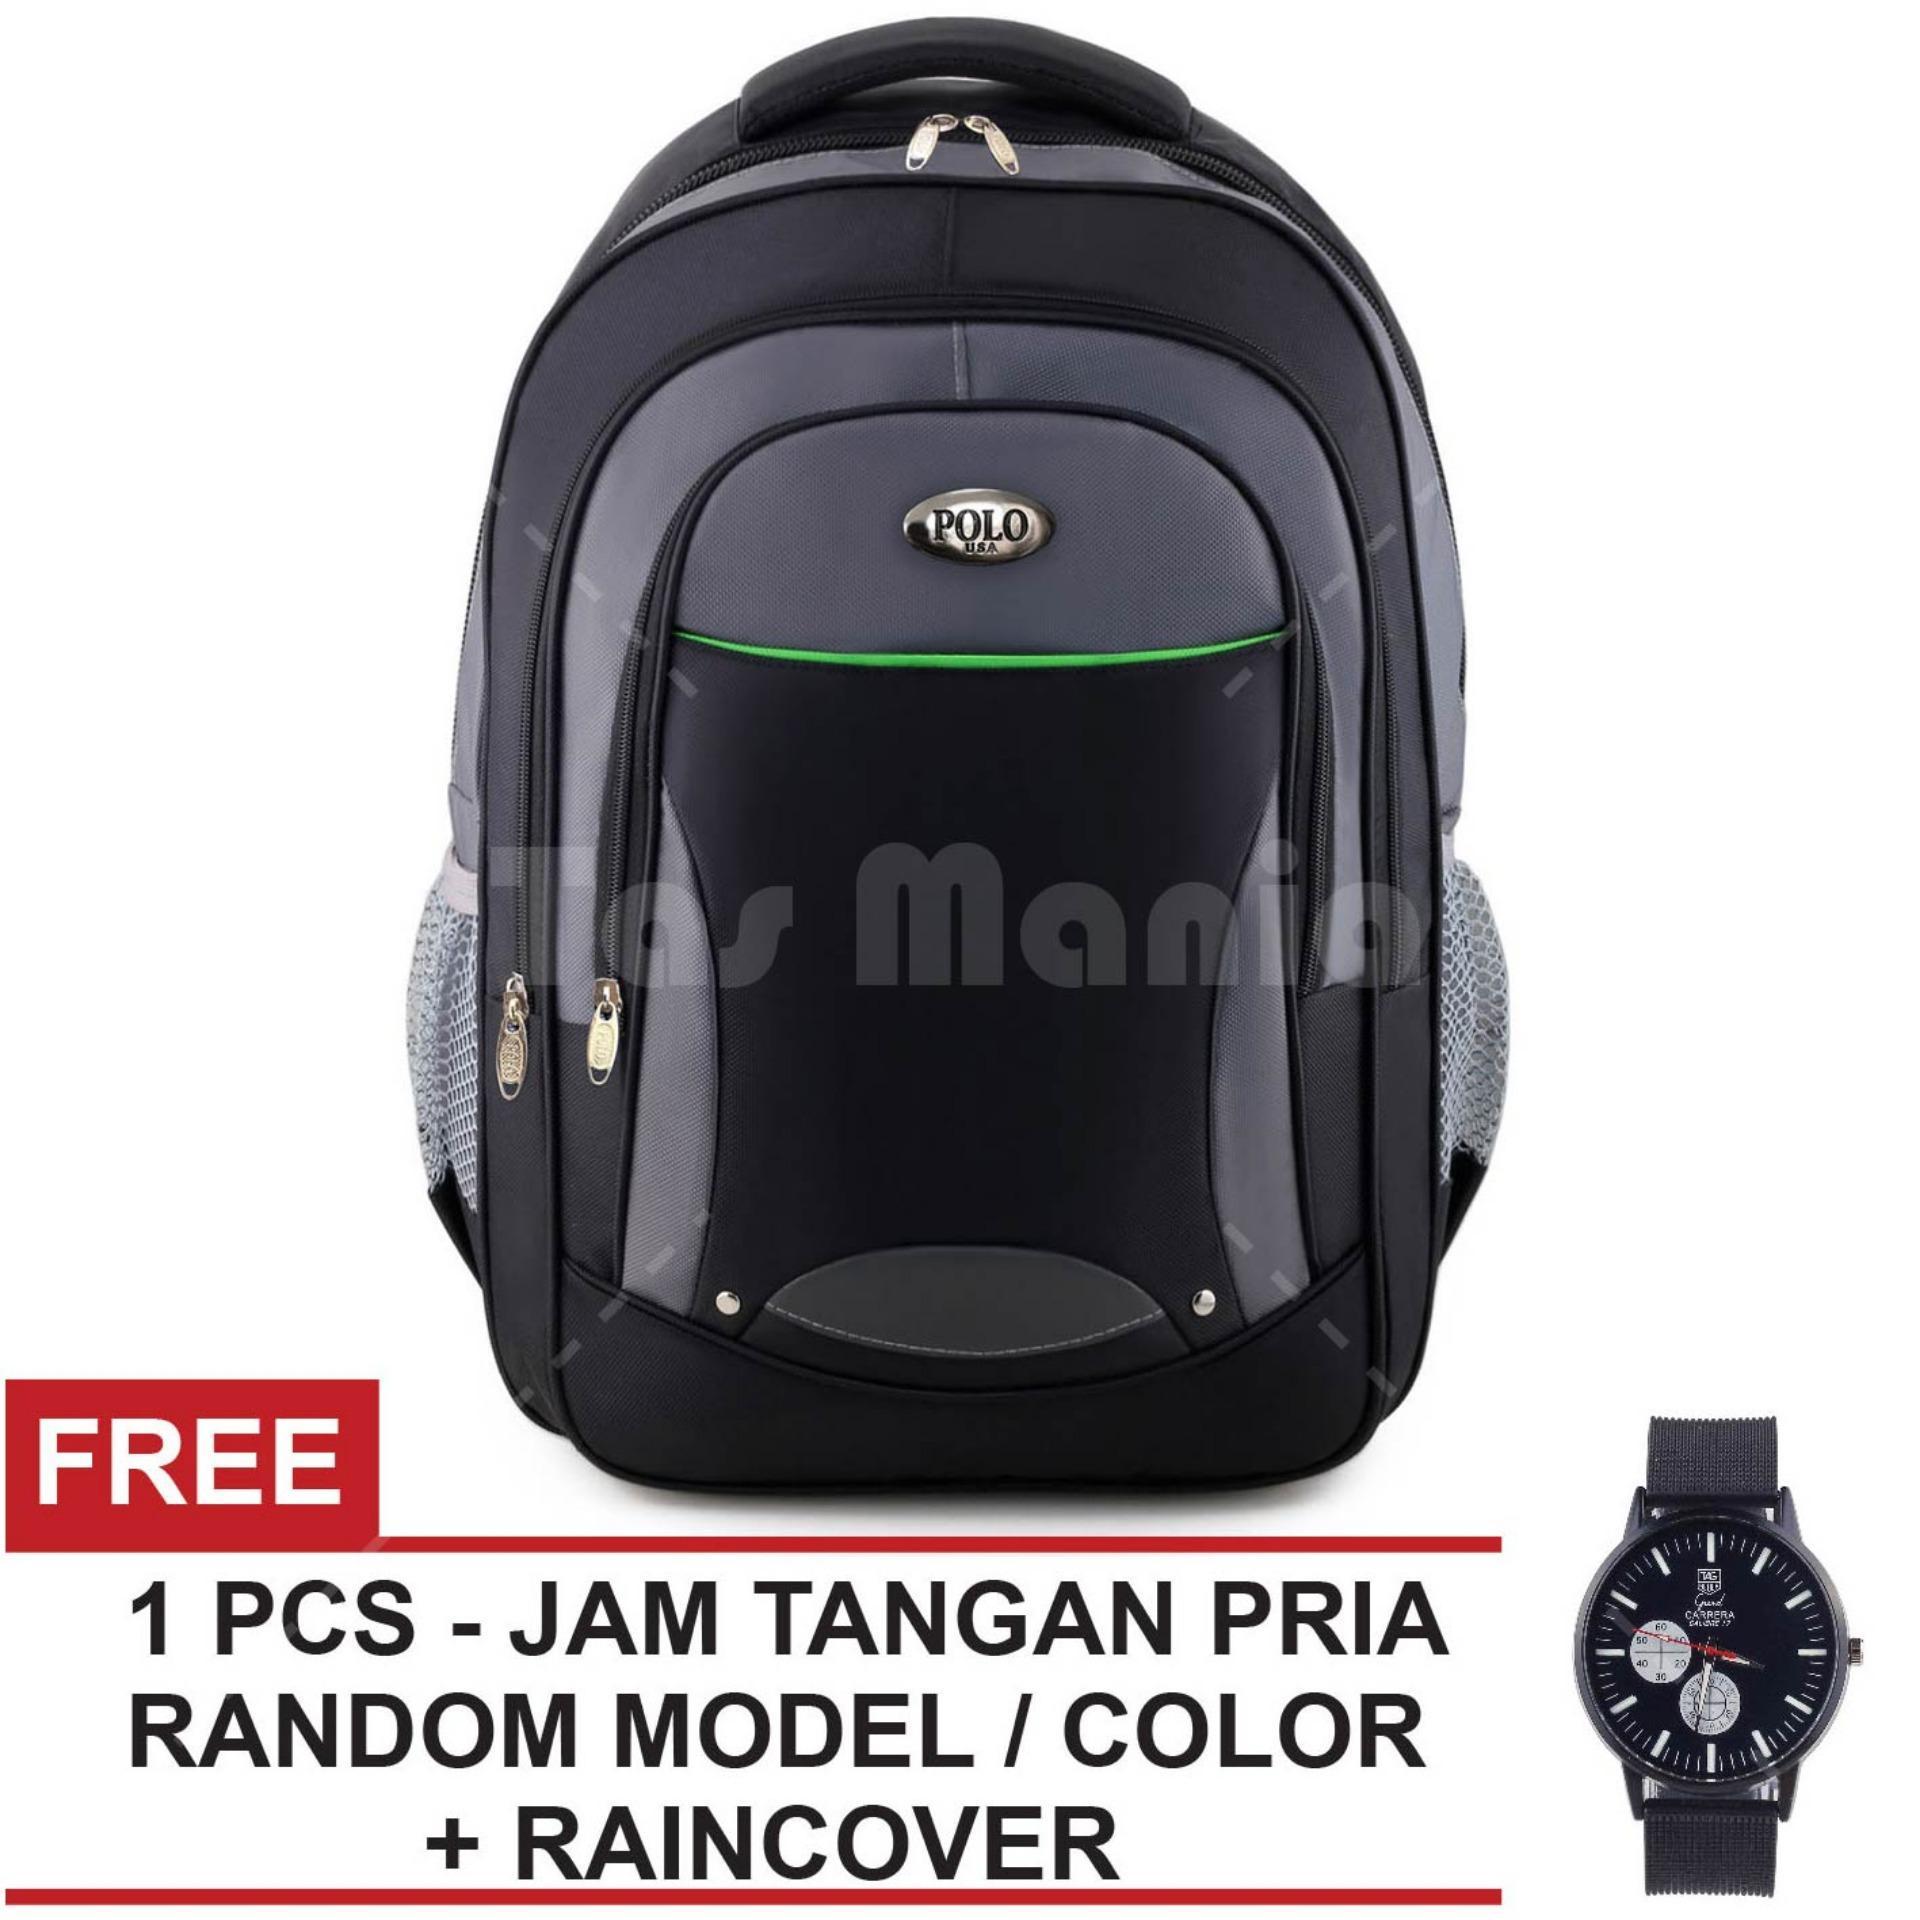 Harga Tas Ransel Polo Usa Sheldrake Dailypack Tas Laptop Casual Backpack Black Raincover Free Jam Tangan Pria Tas Pria Tas Kerja Tas Fashion Pria Termahal